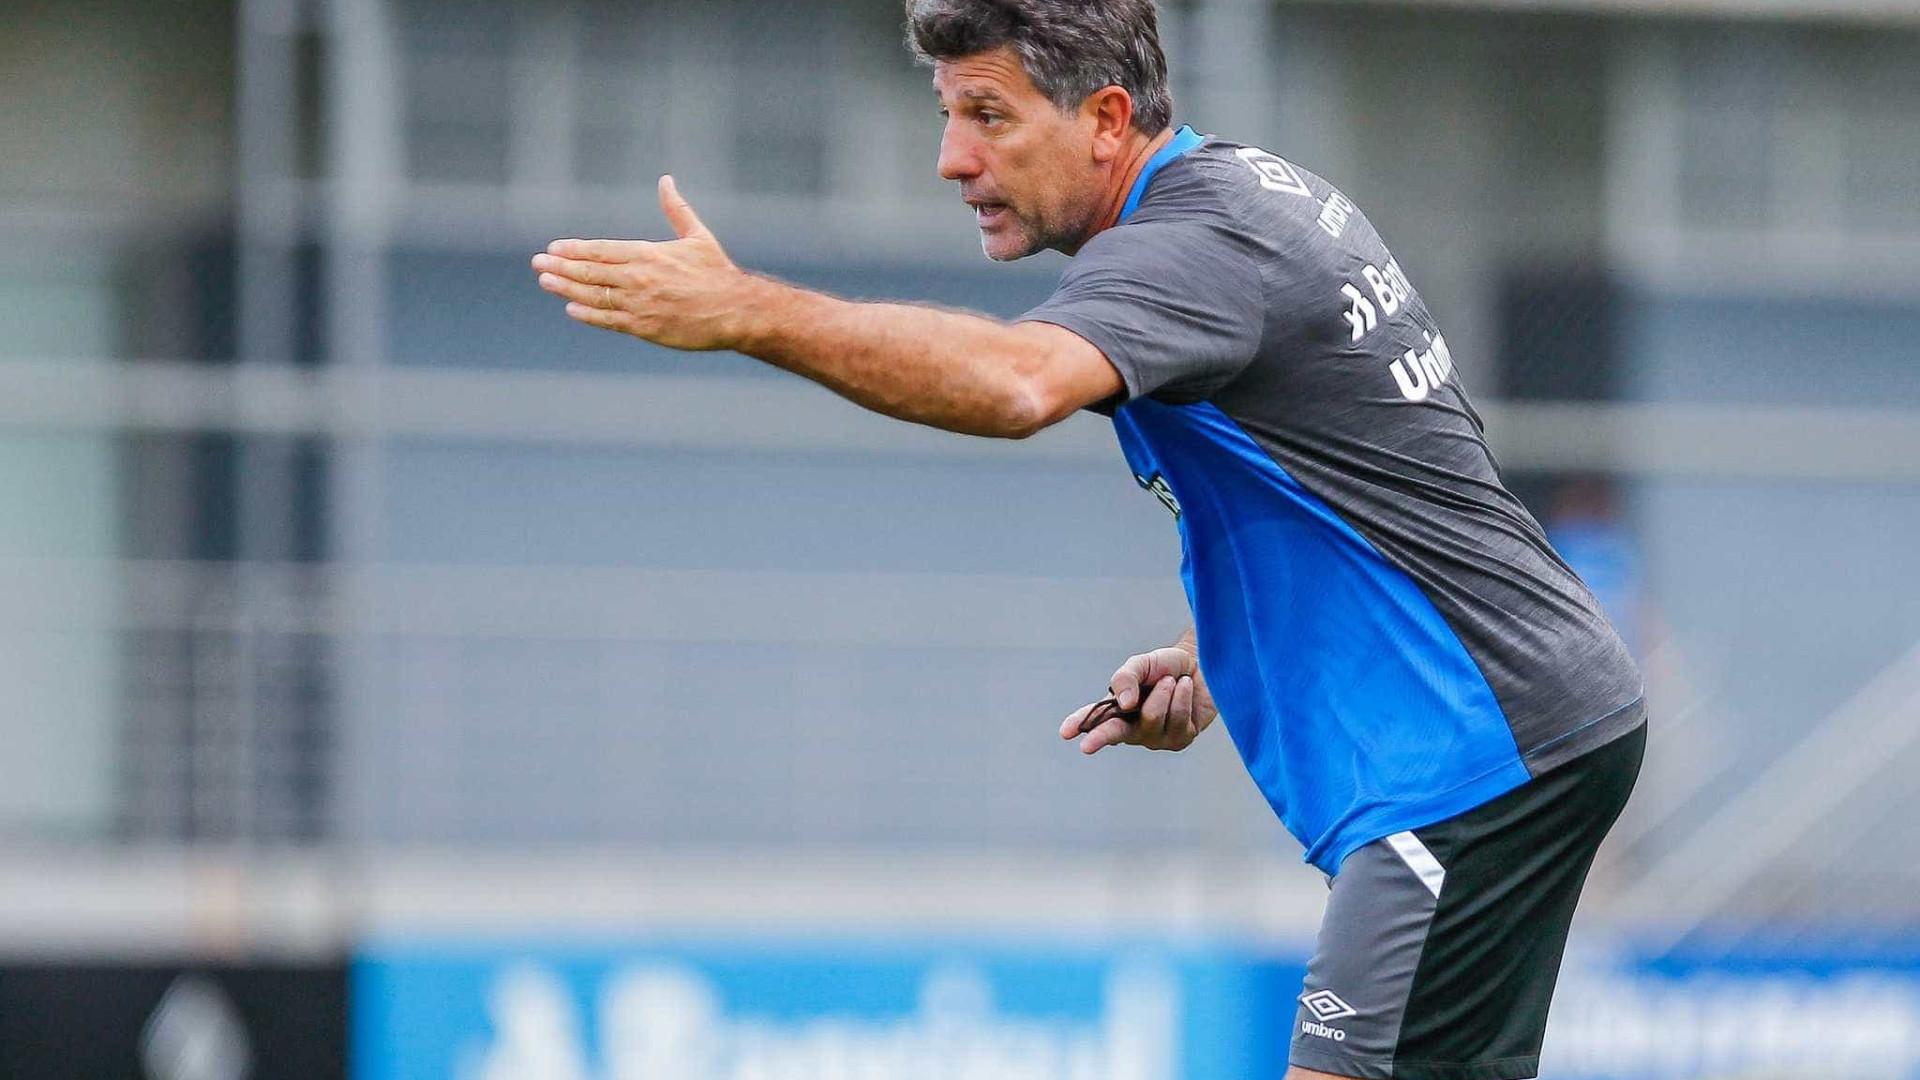 Grêmio vence o Coritiba com gol de Ramiro nos acréscimos